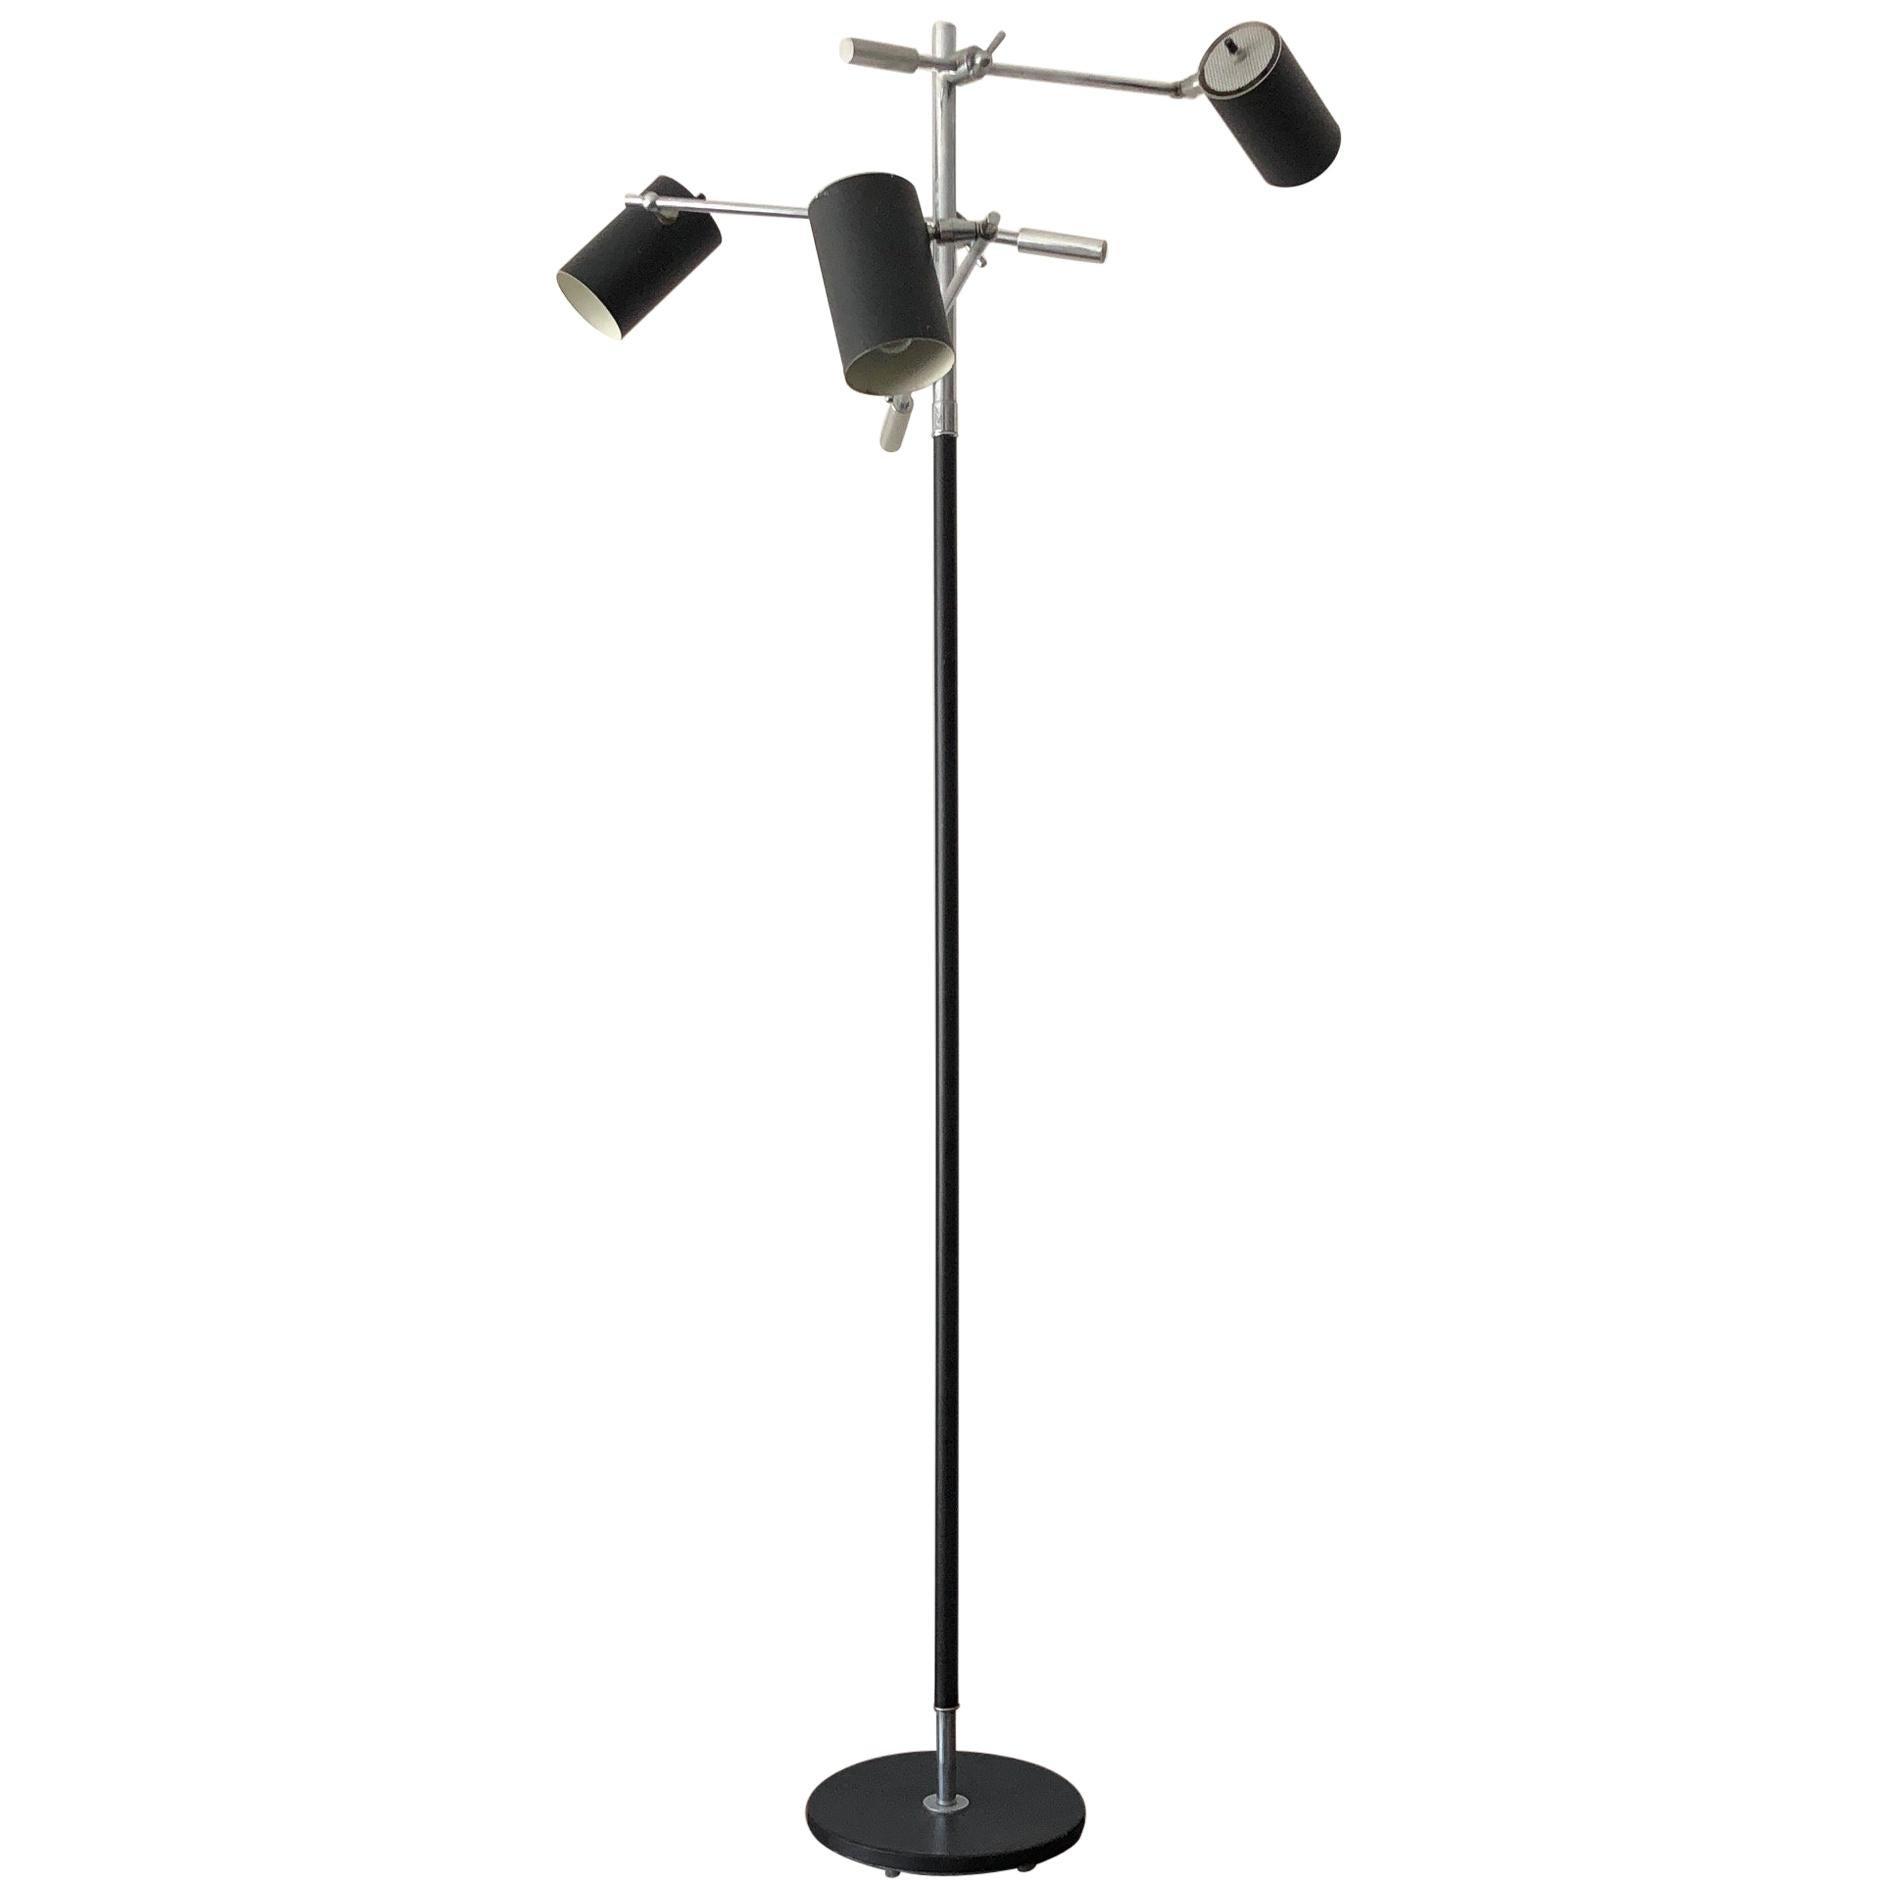 Petite Triennale Style Floor Lamp